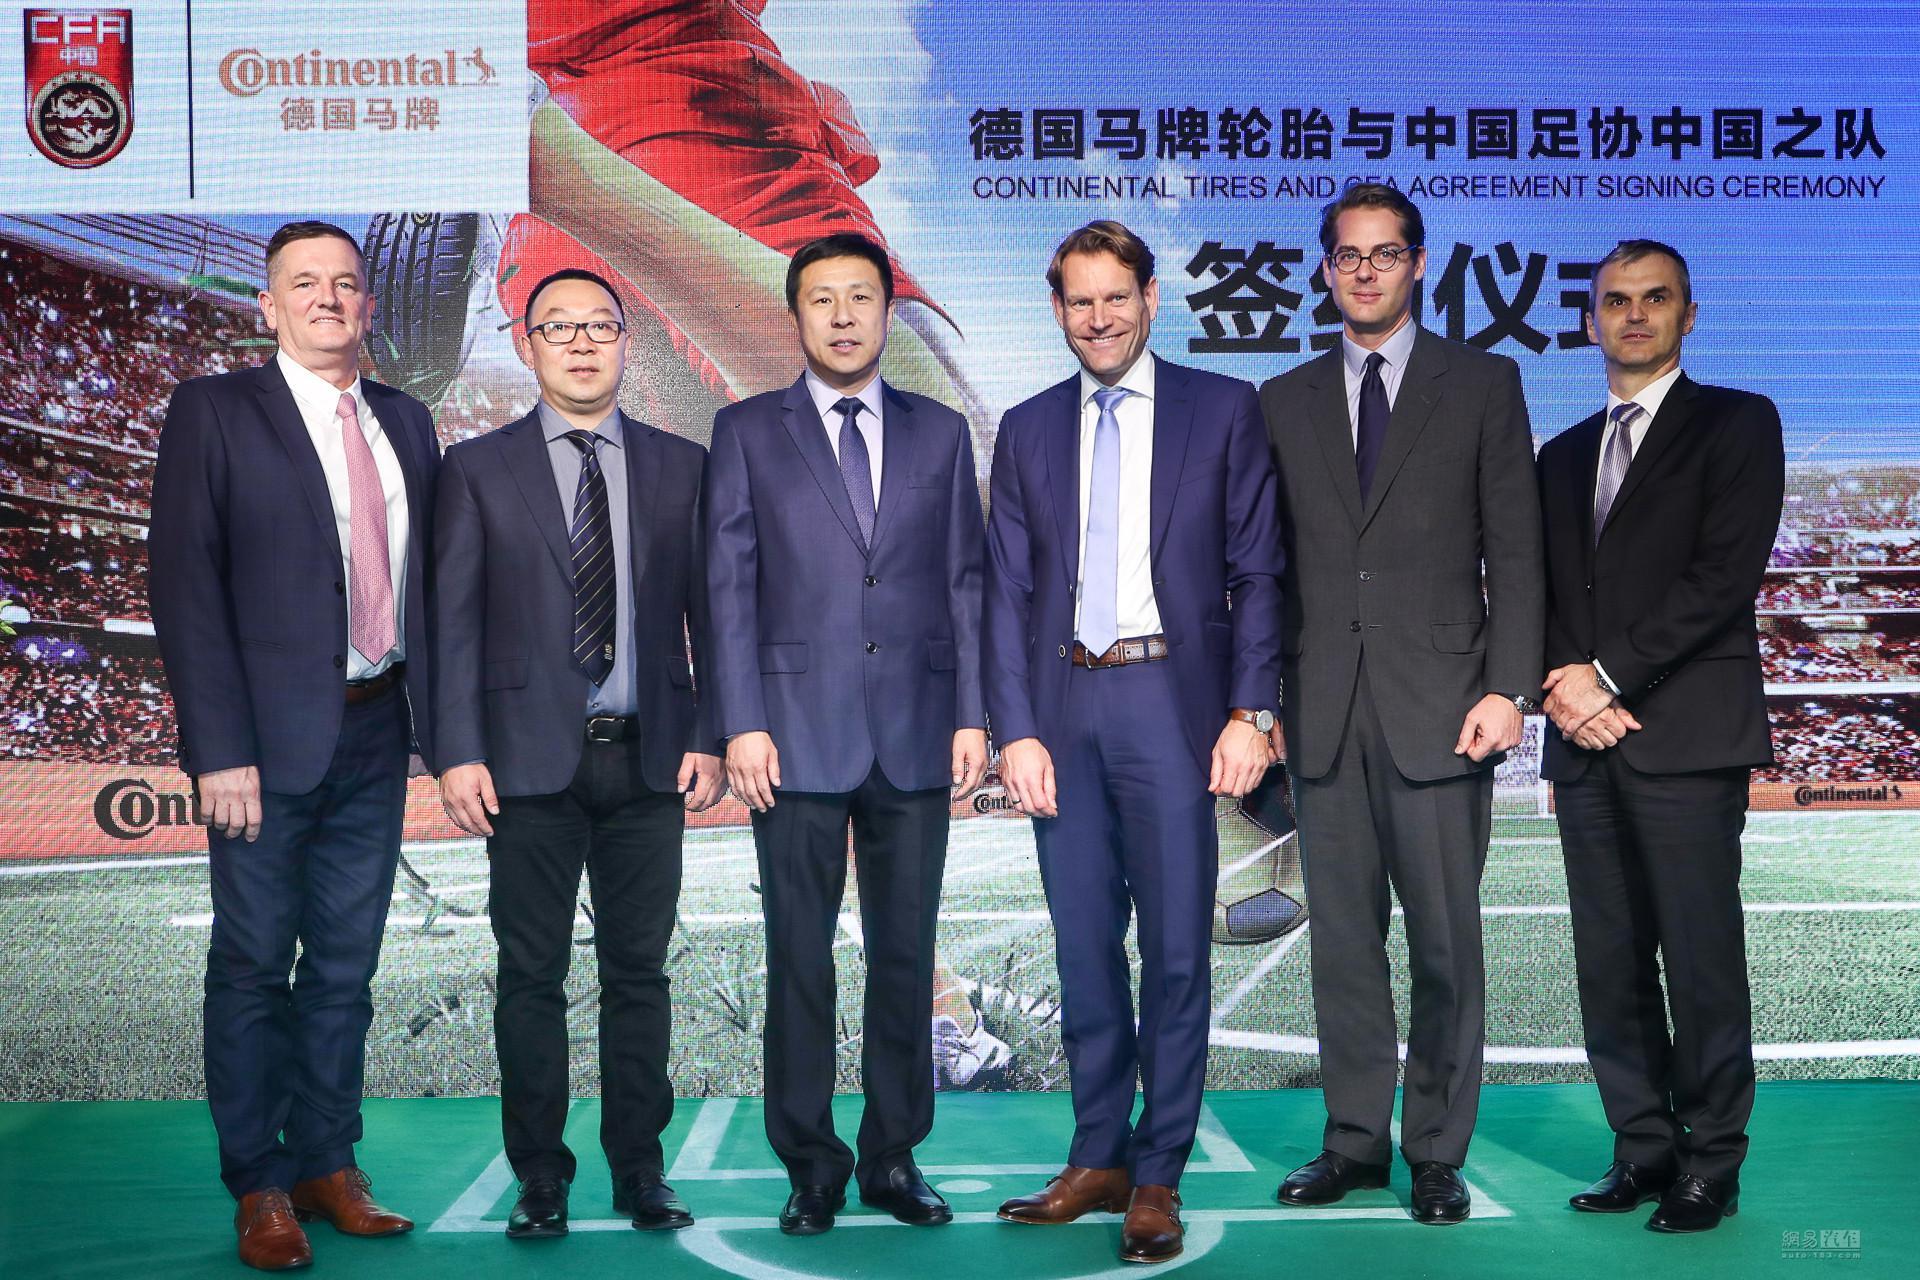 德国马牌轮胎续约中国足球队 履行对中国市场长期承诺